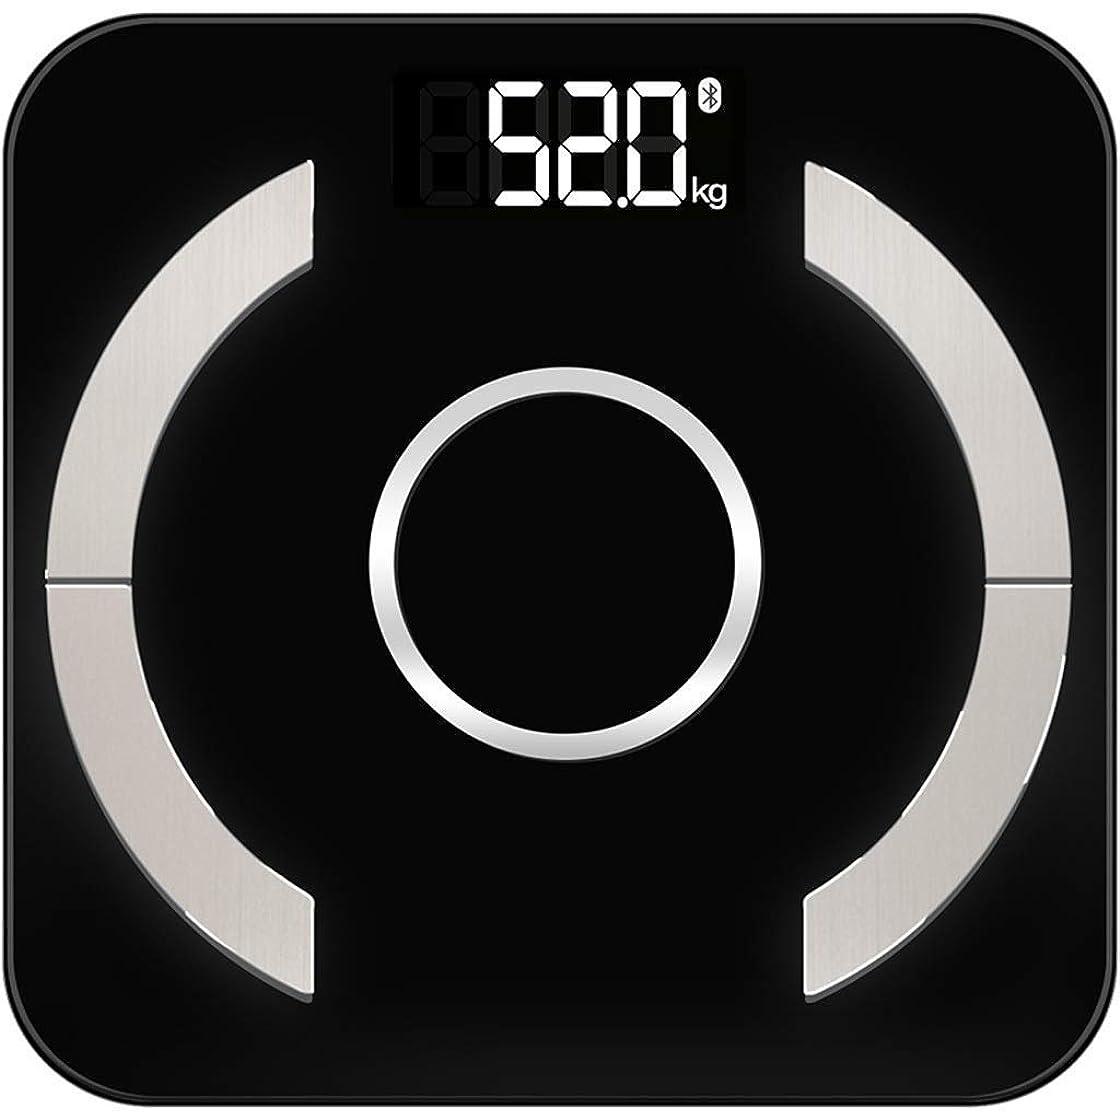 マートビジネス移動TYMD 体重計電子体脂肪ホームスマートパーソン体重正確な測定脂肪計 ヘーグレン電子秤